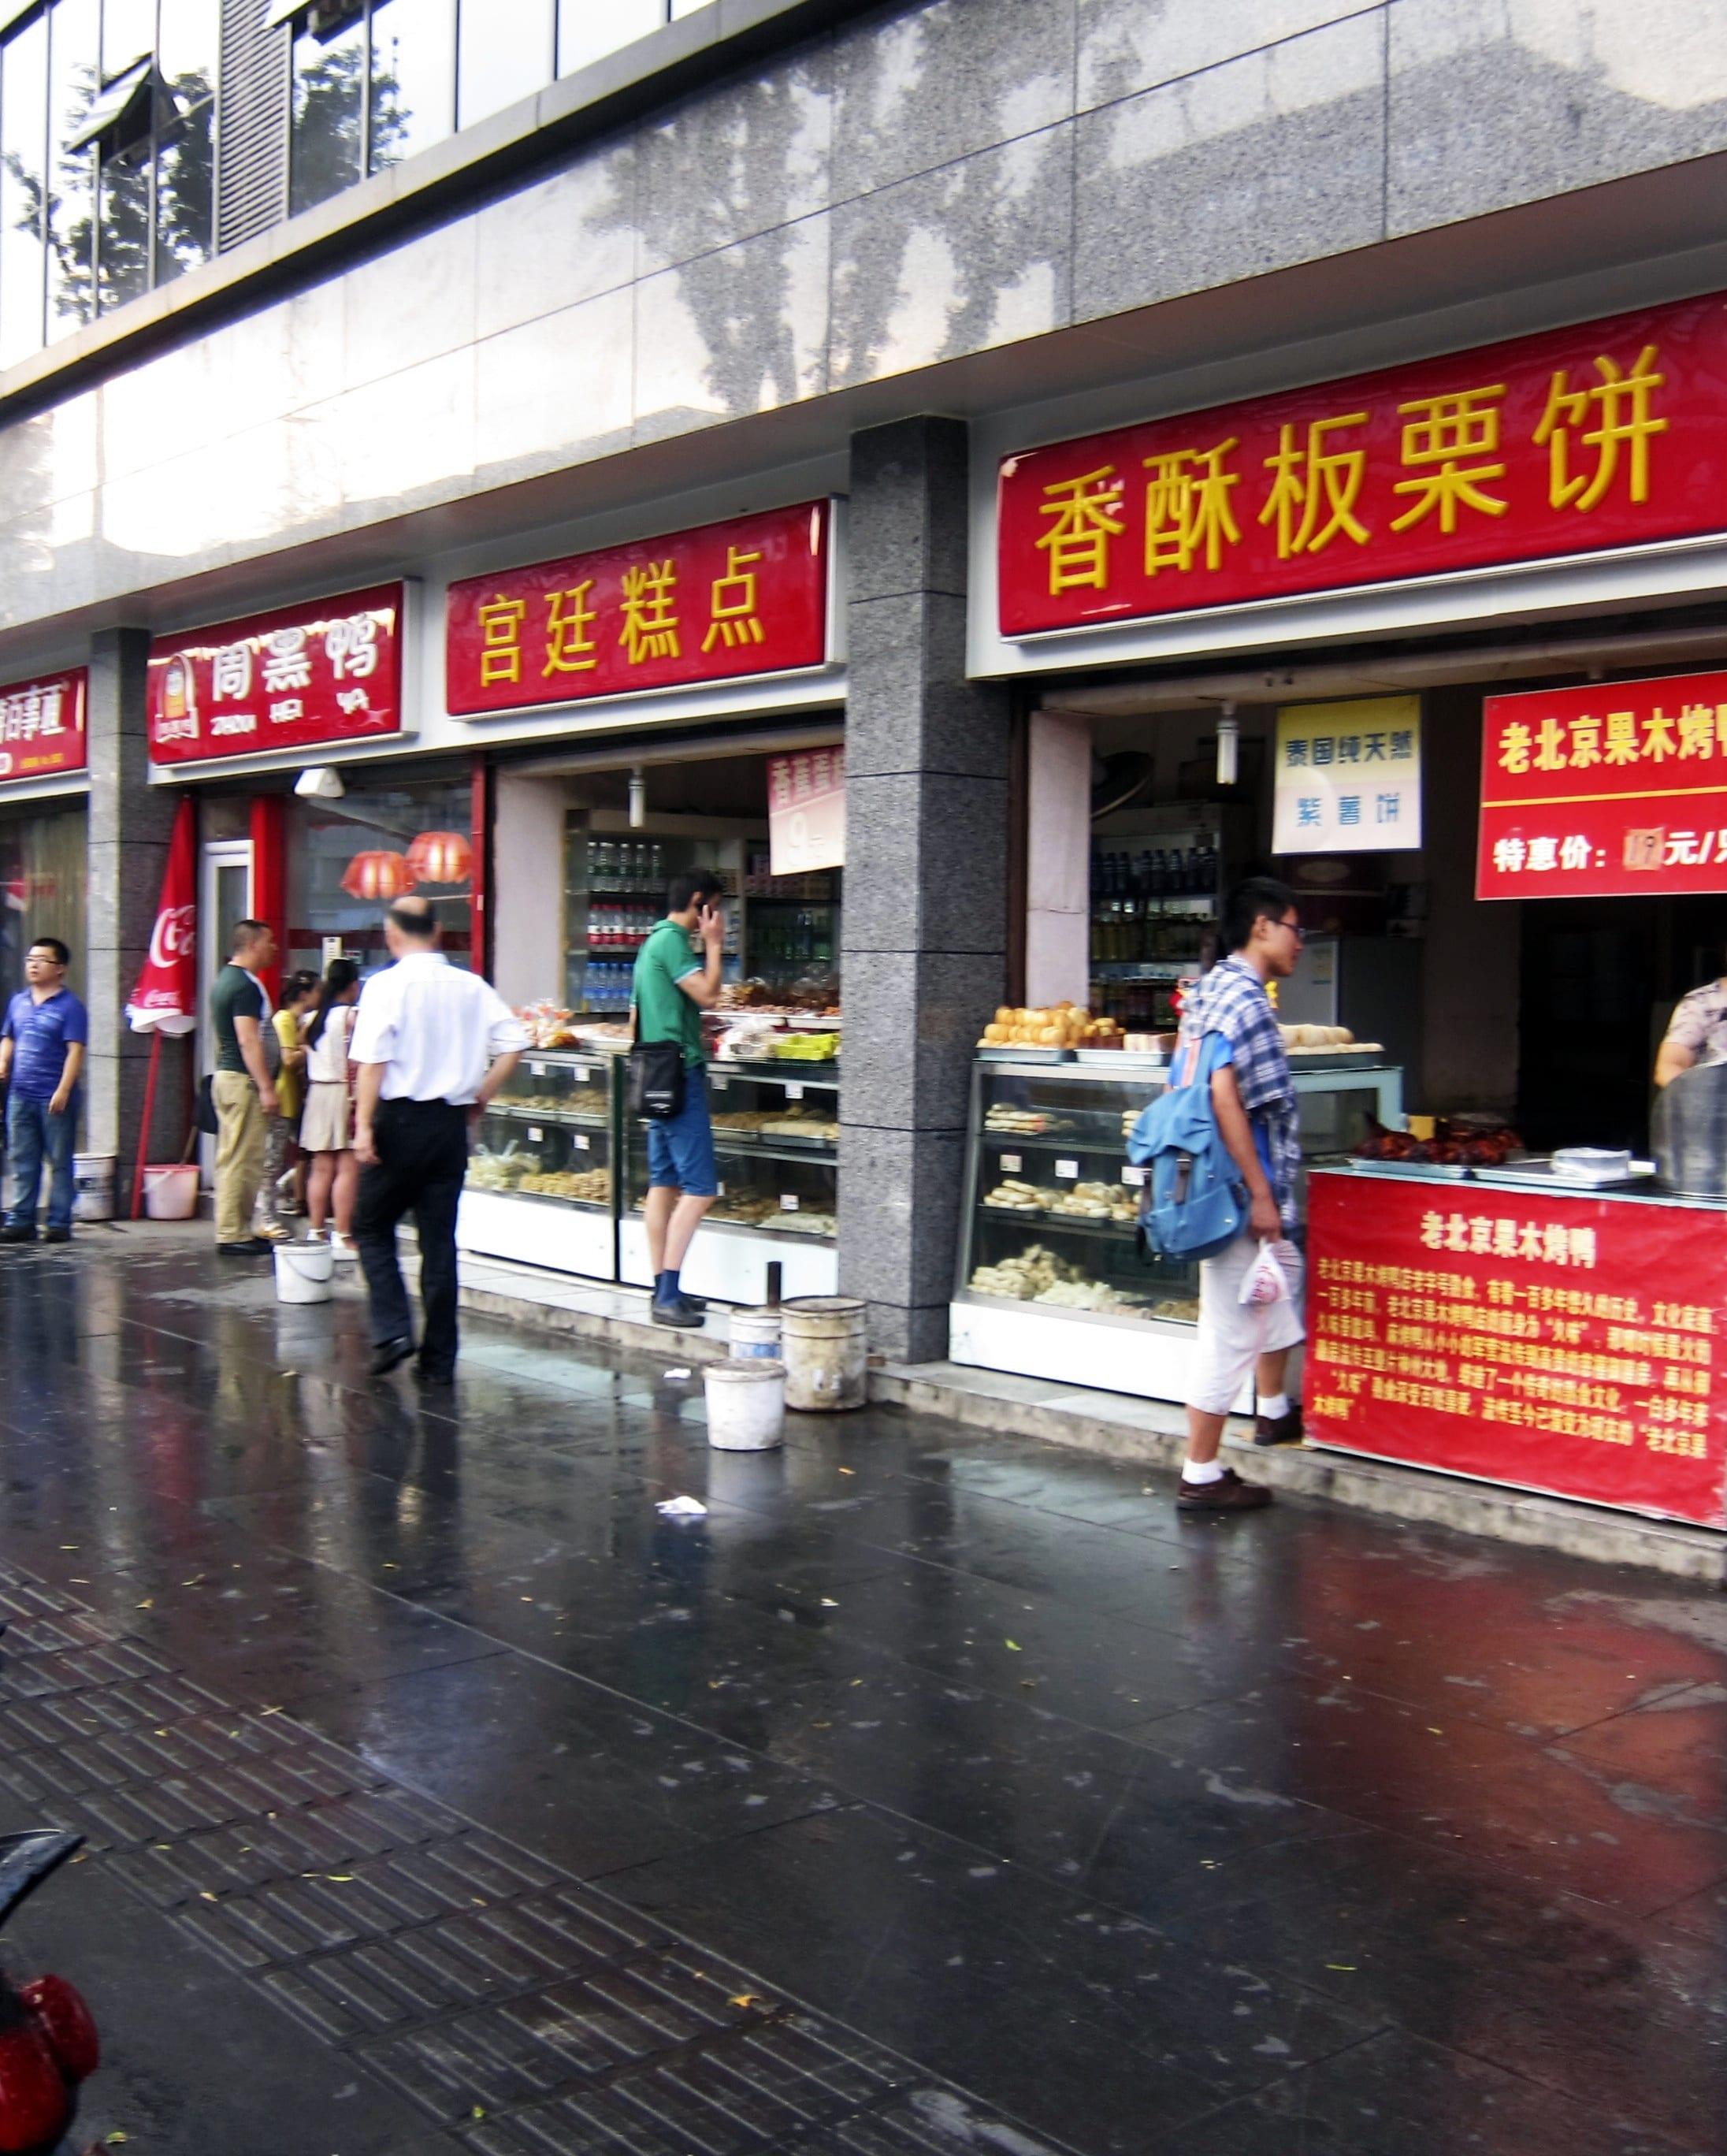 chińskie jedzenie uliczne